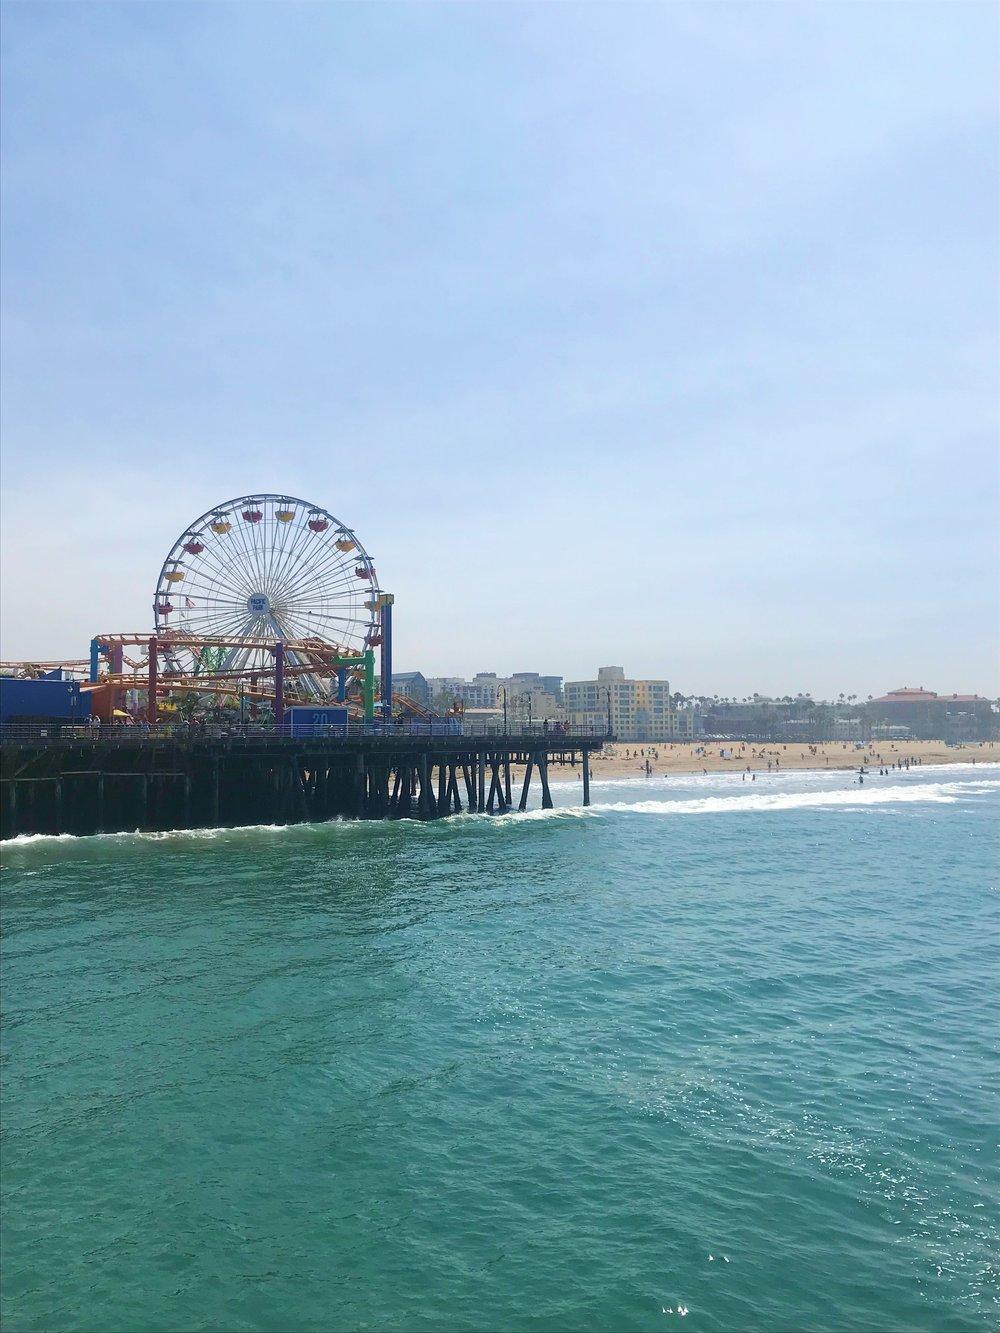 MauraKeeley.com Santa Monica Pier